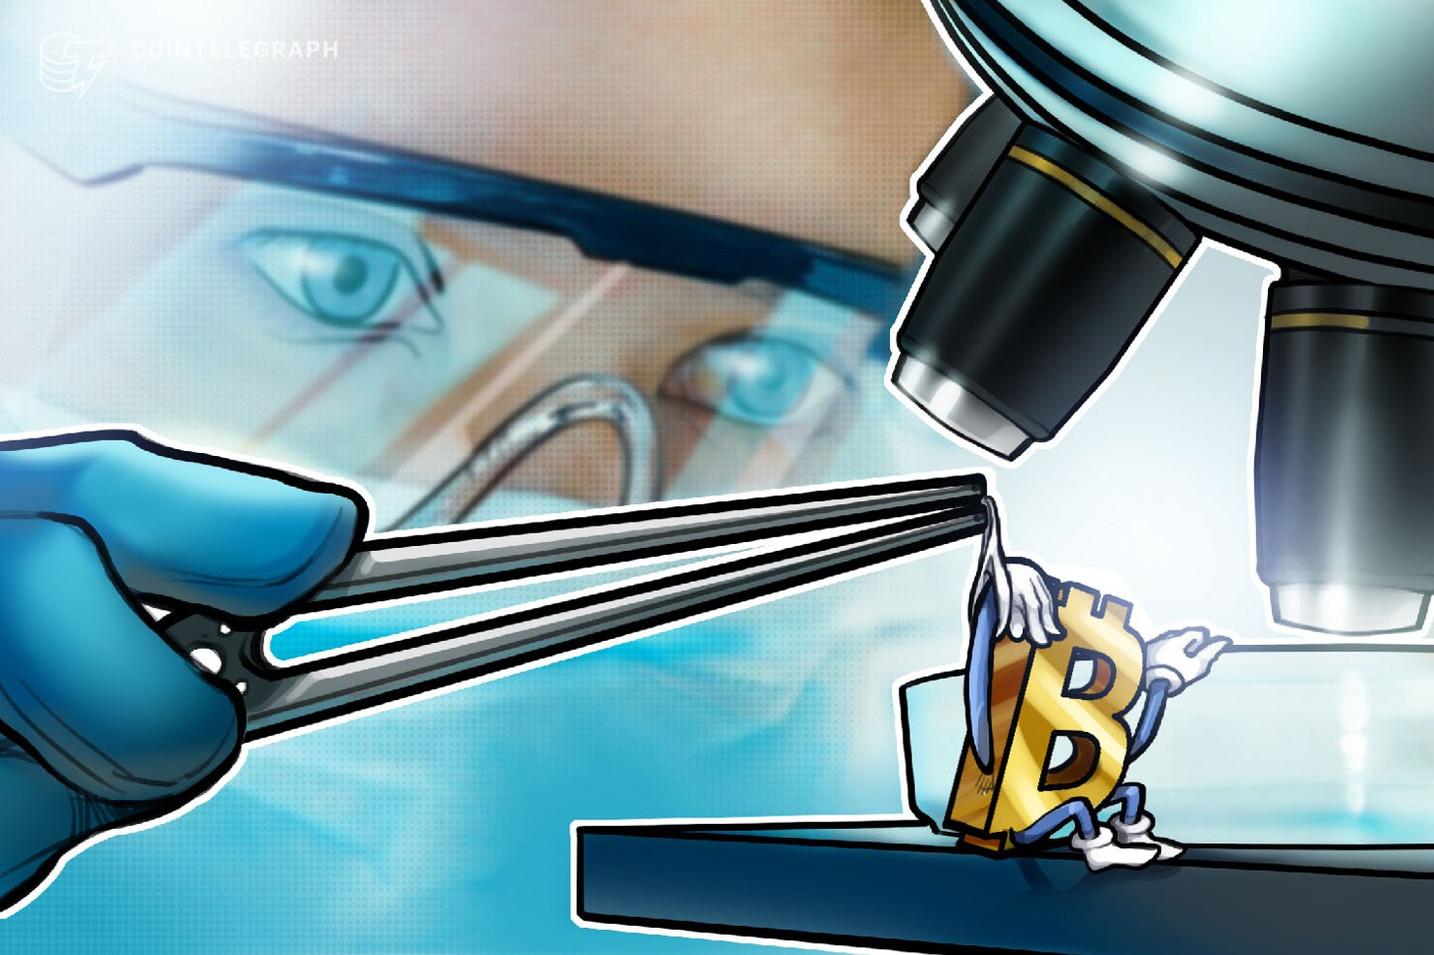 仮想通貨ビットコインは持ちこたえられるか|ボリンジャー氏がブレイクアウト間近を指摘【仮想通貨相場】